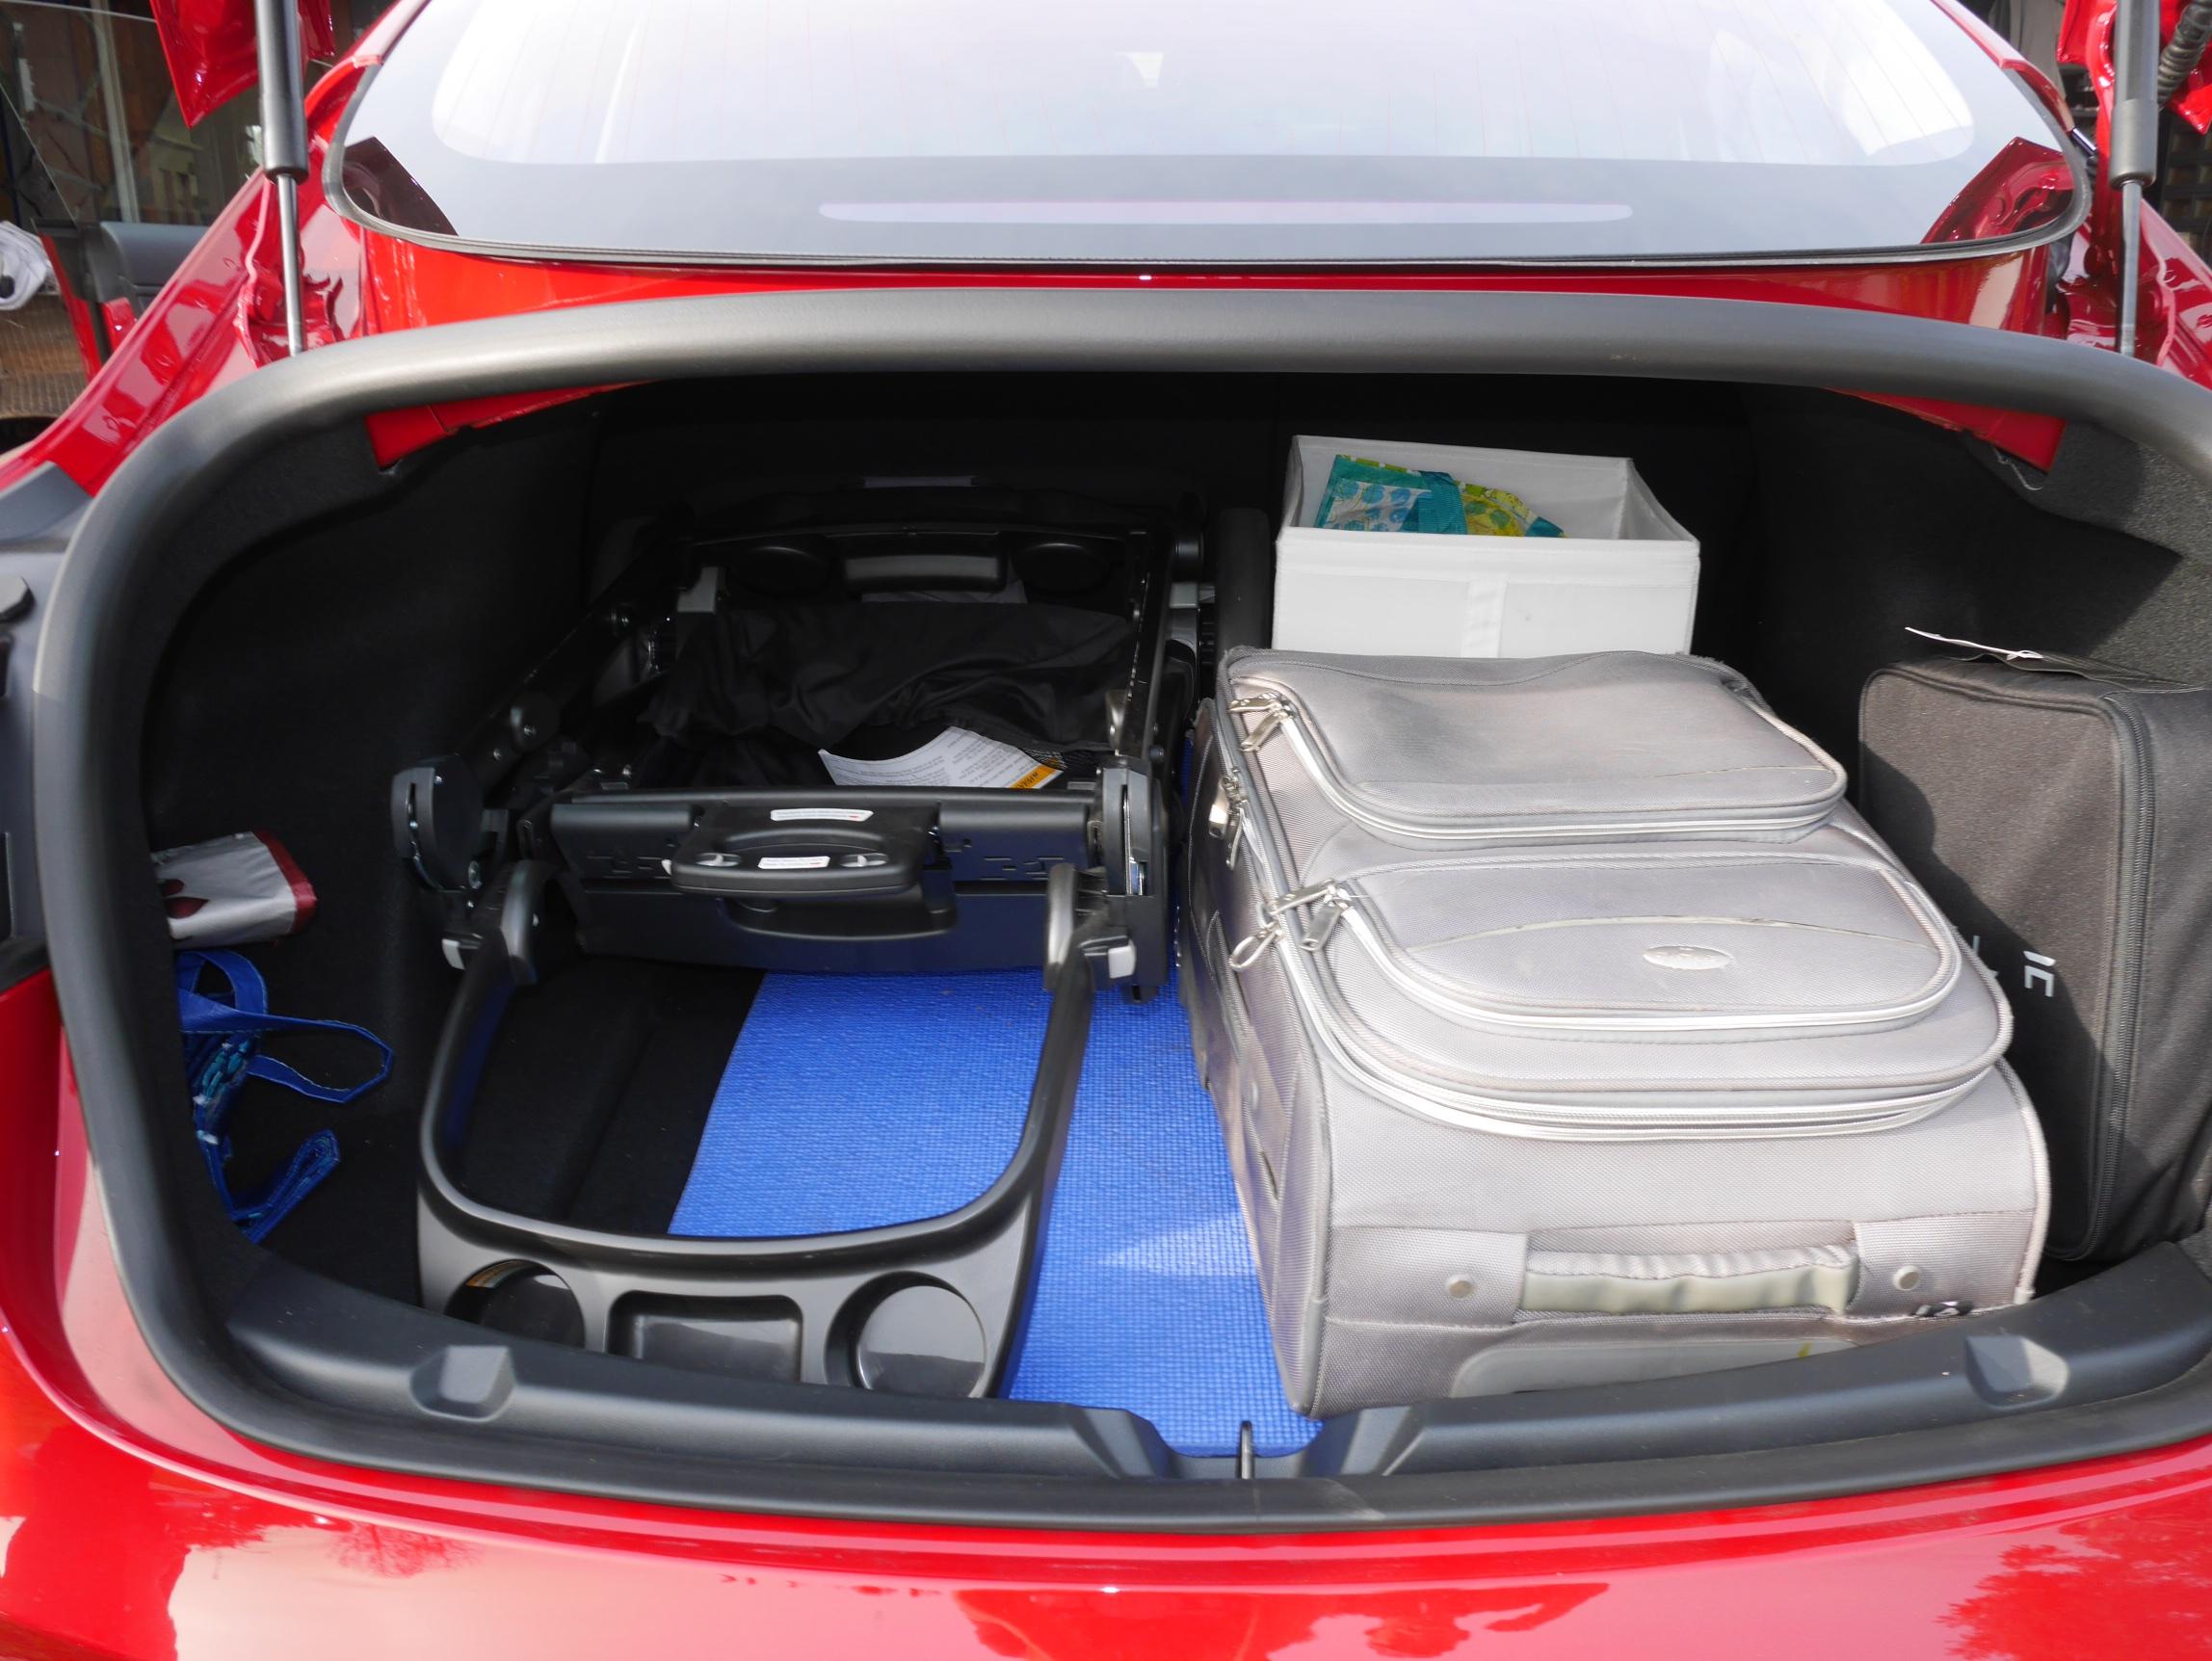 Tesla Model 3 review: A promise delivered - Electrek